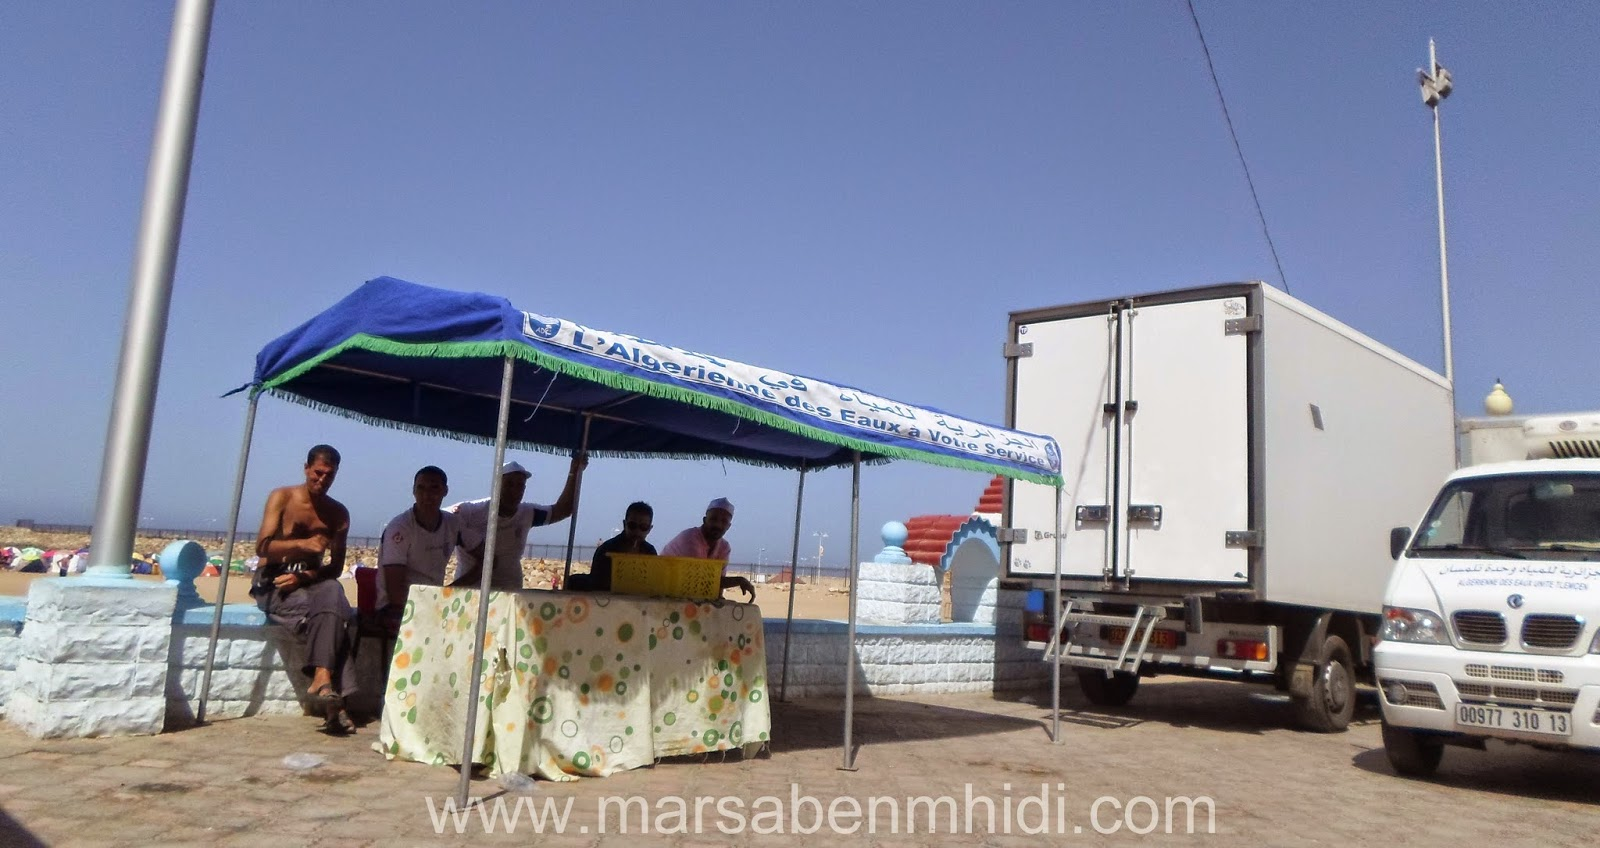 مياه بالمجان على شاطئ مرسى بن مهيدي